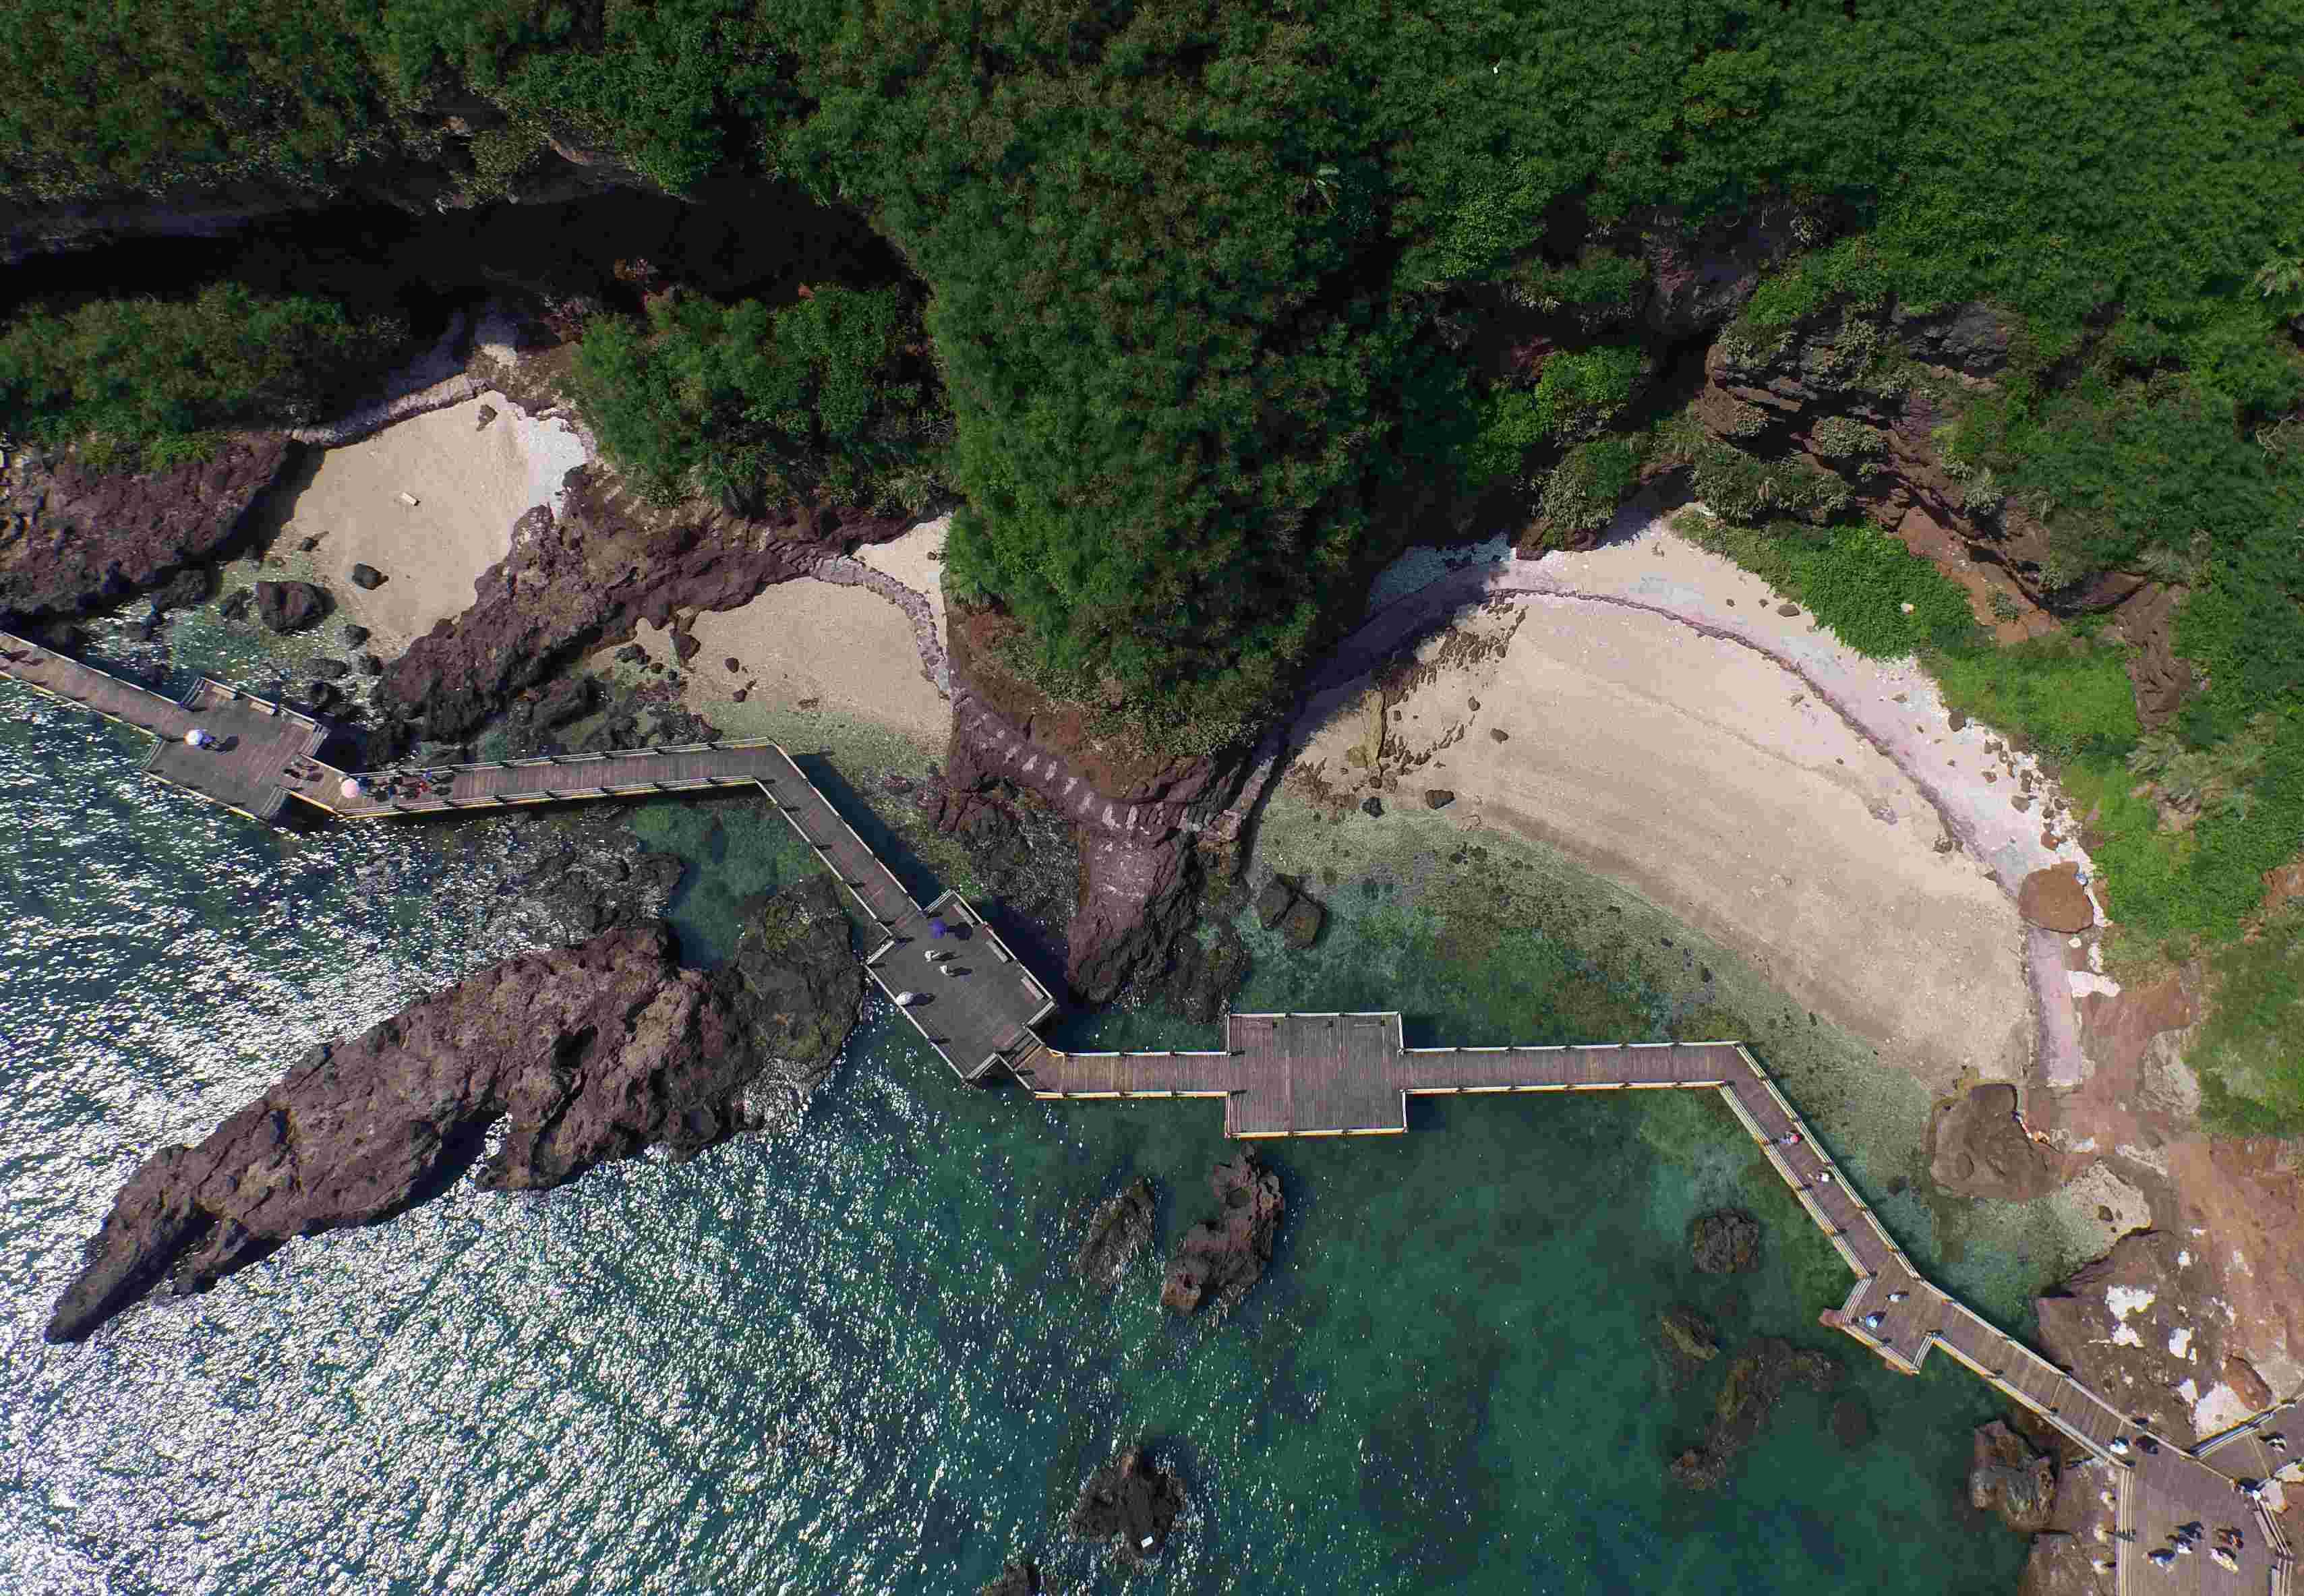 涠洲岛位于广西北海市东南面北部湾海域中,以其丰富的火山熔岩